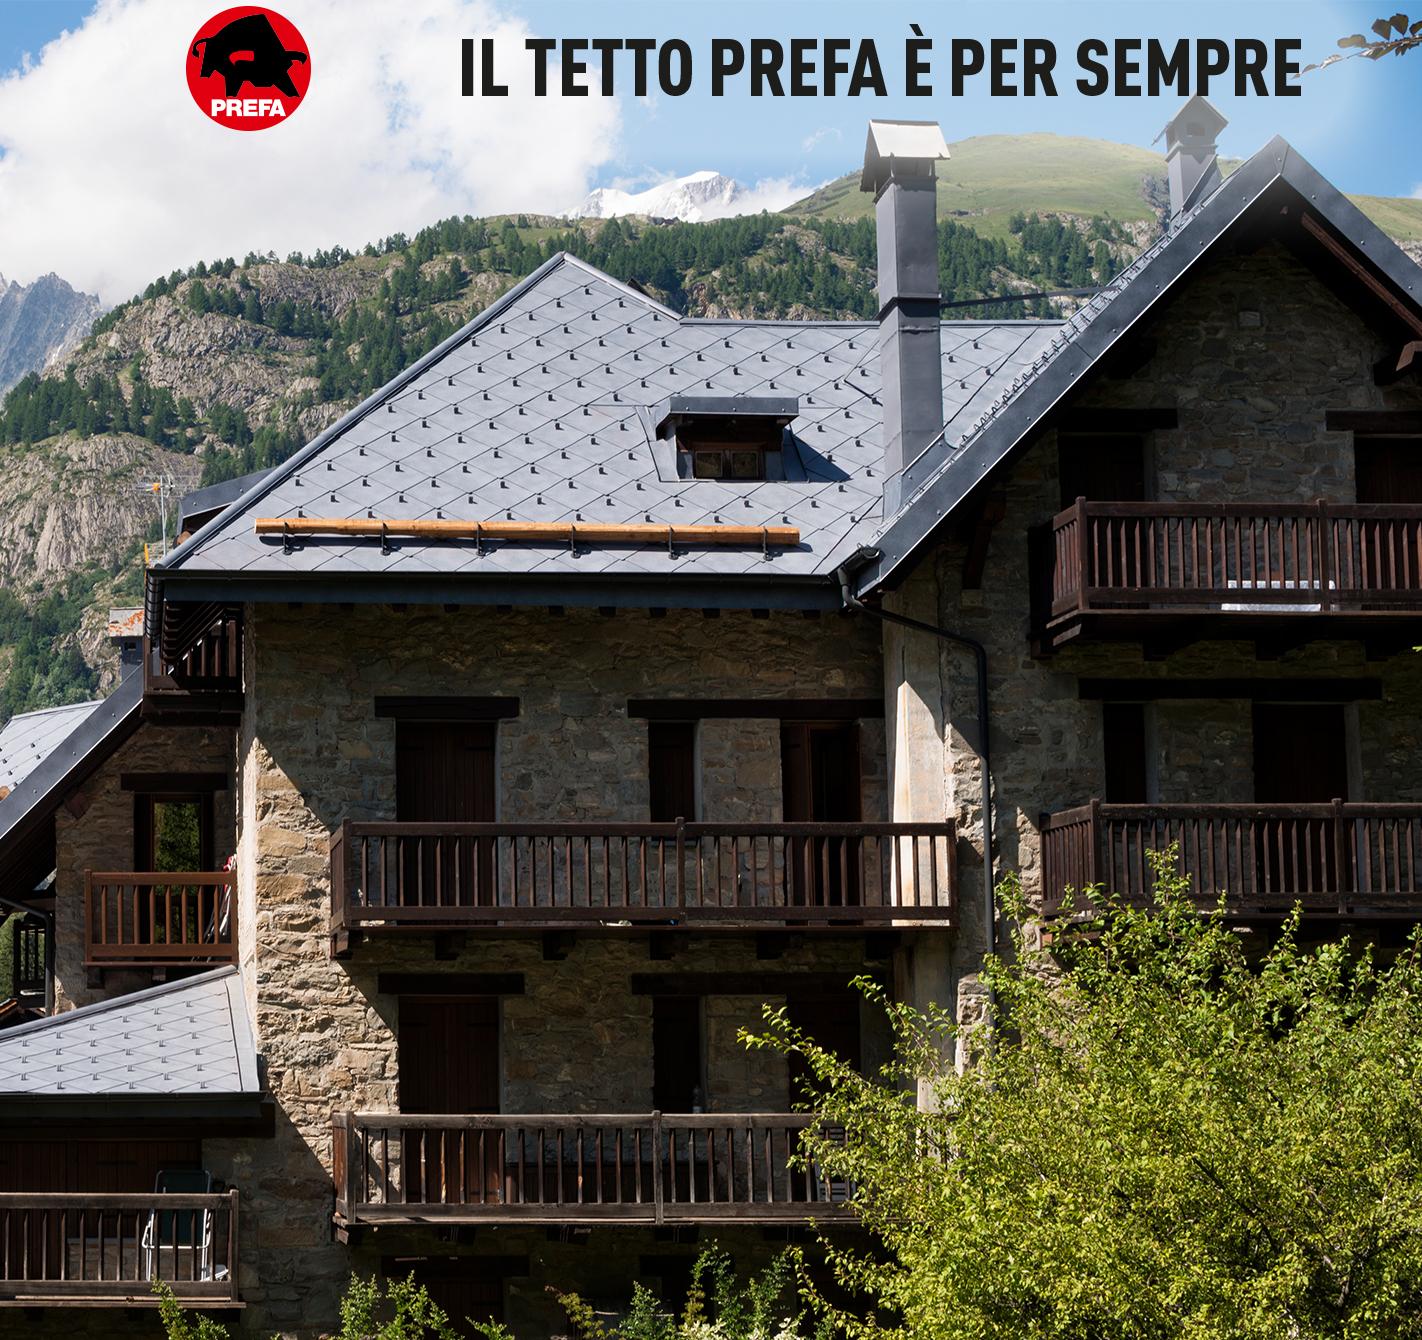 PREFA2